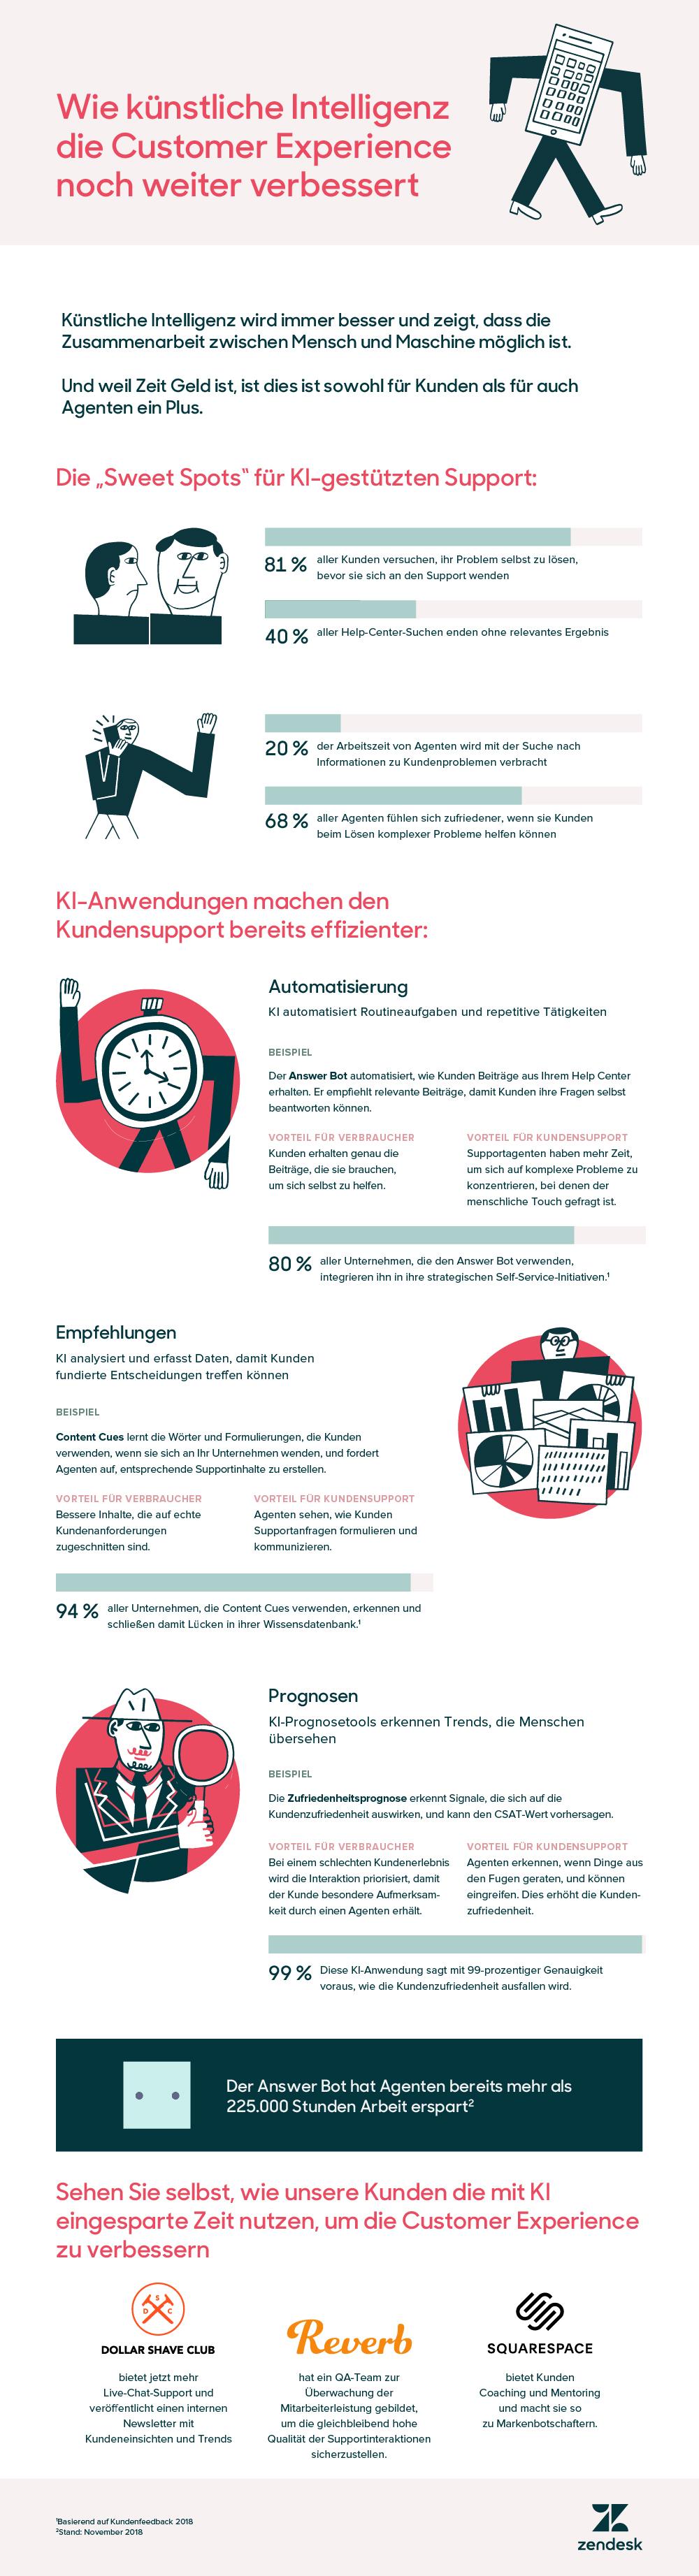 Künstliche Intelligenz für bessere Customer Experience